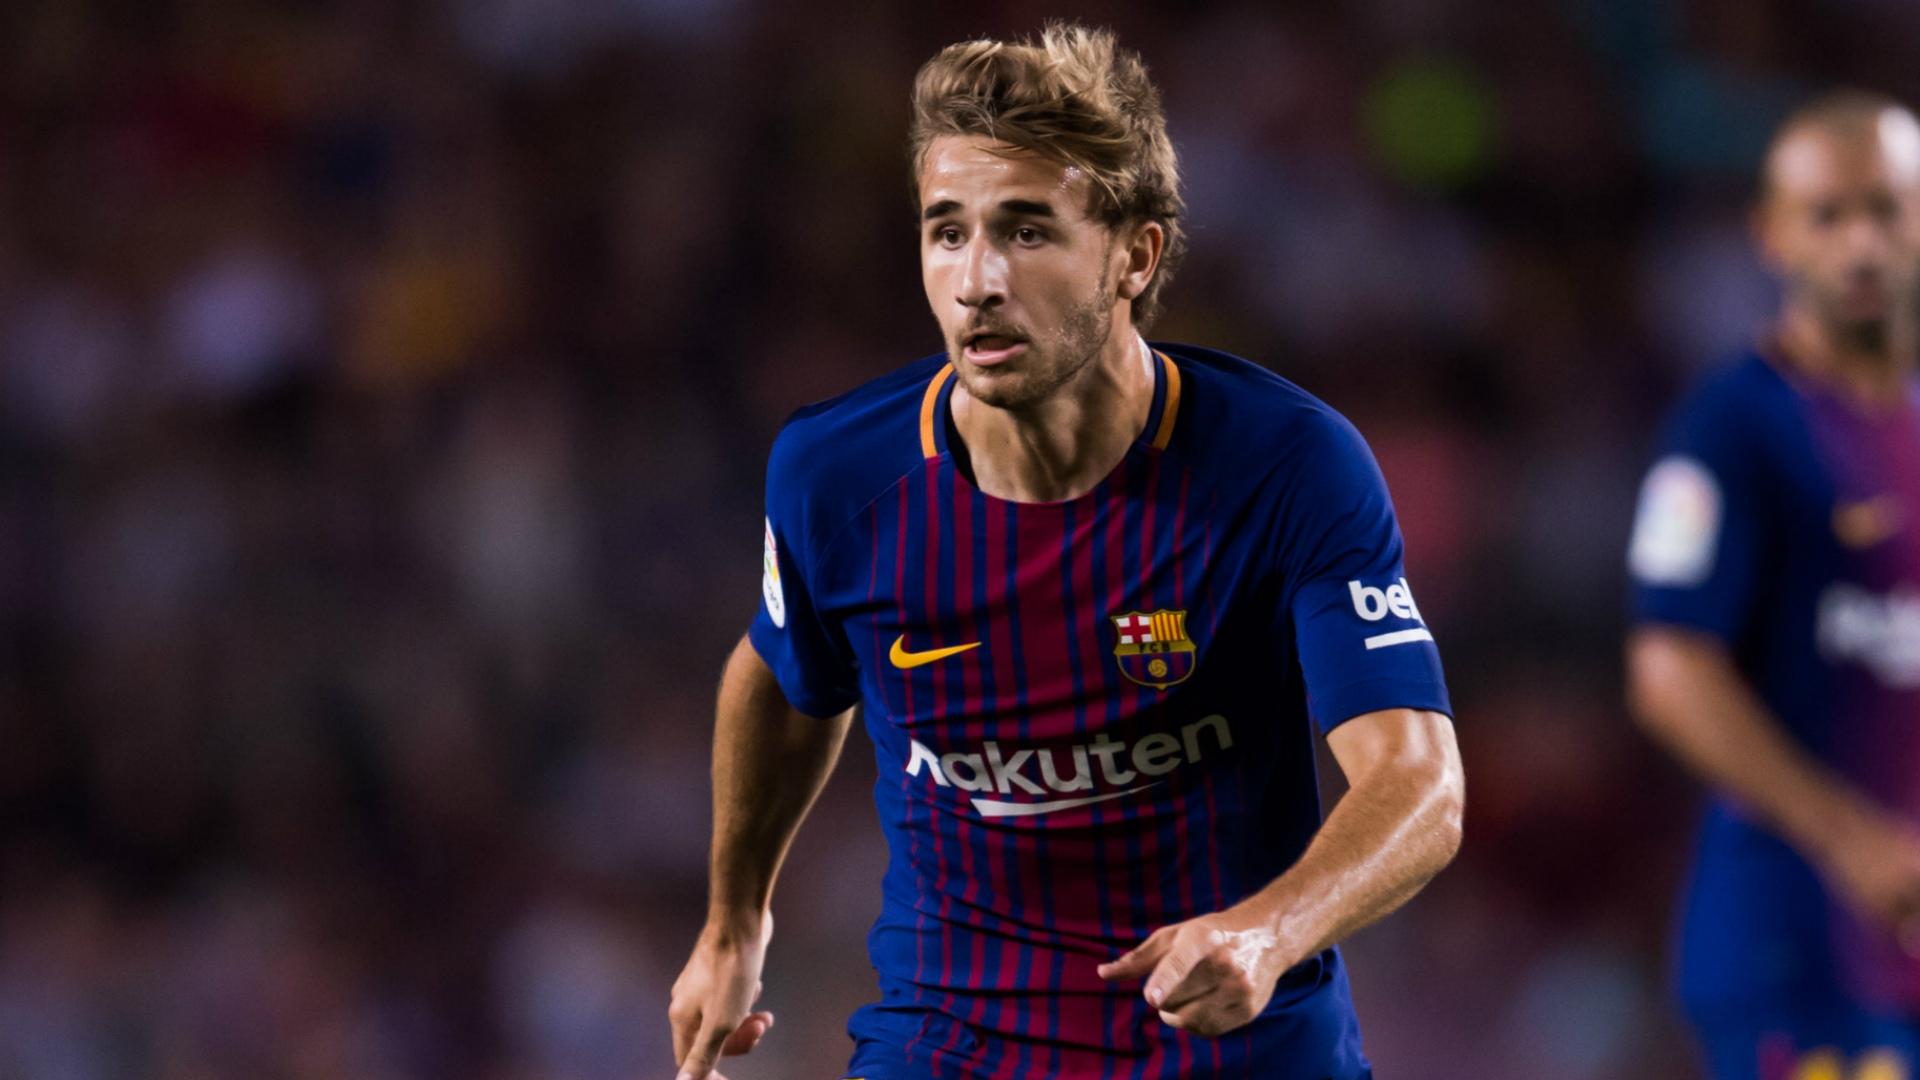 OFFICIEL : Le Barça résilie le contrat de Samper